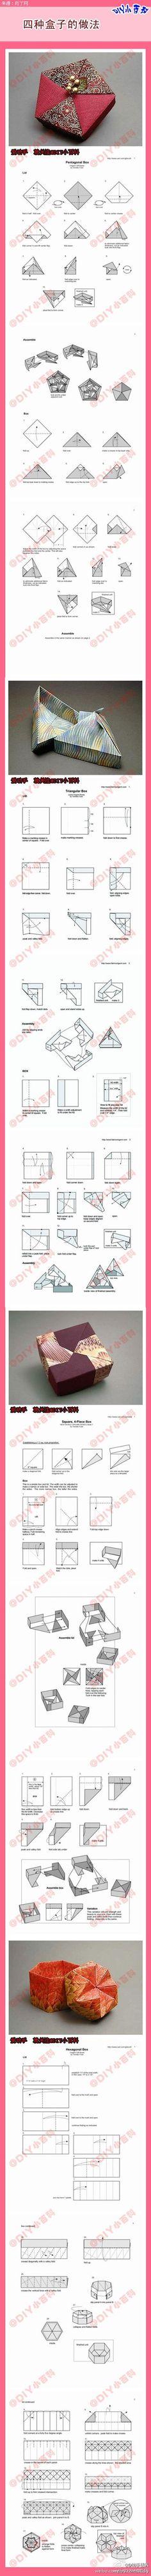 Modular Origami Boxen - gefunden auf duitang.com